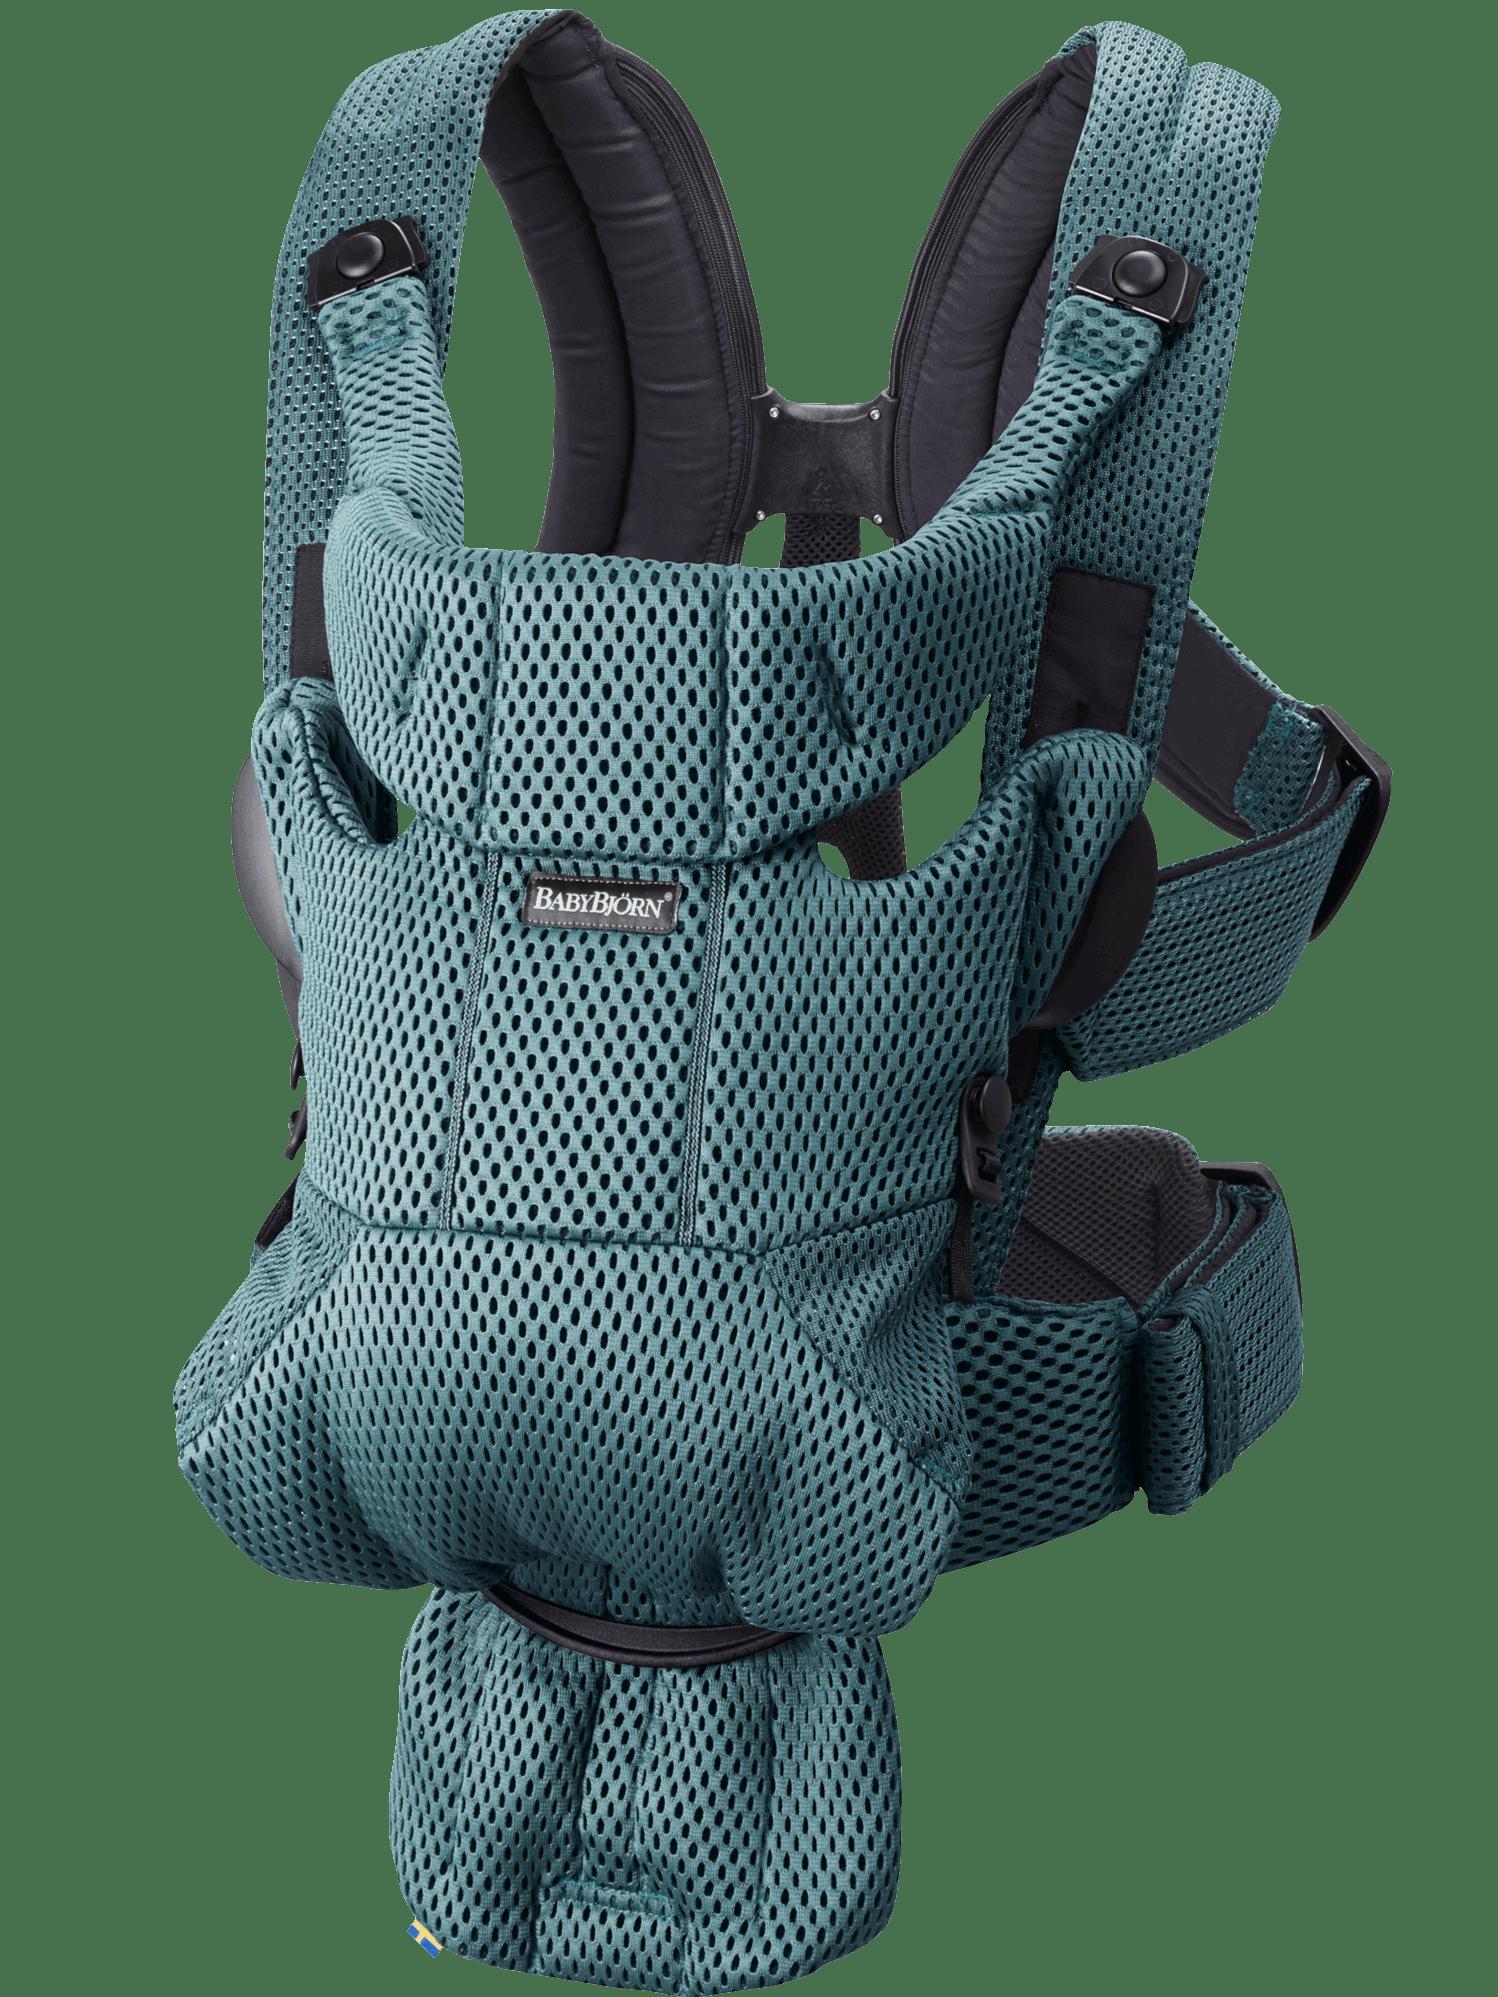 baby bjorn mesh carrier